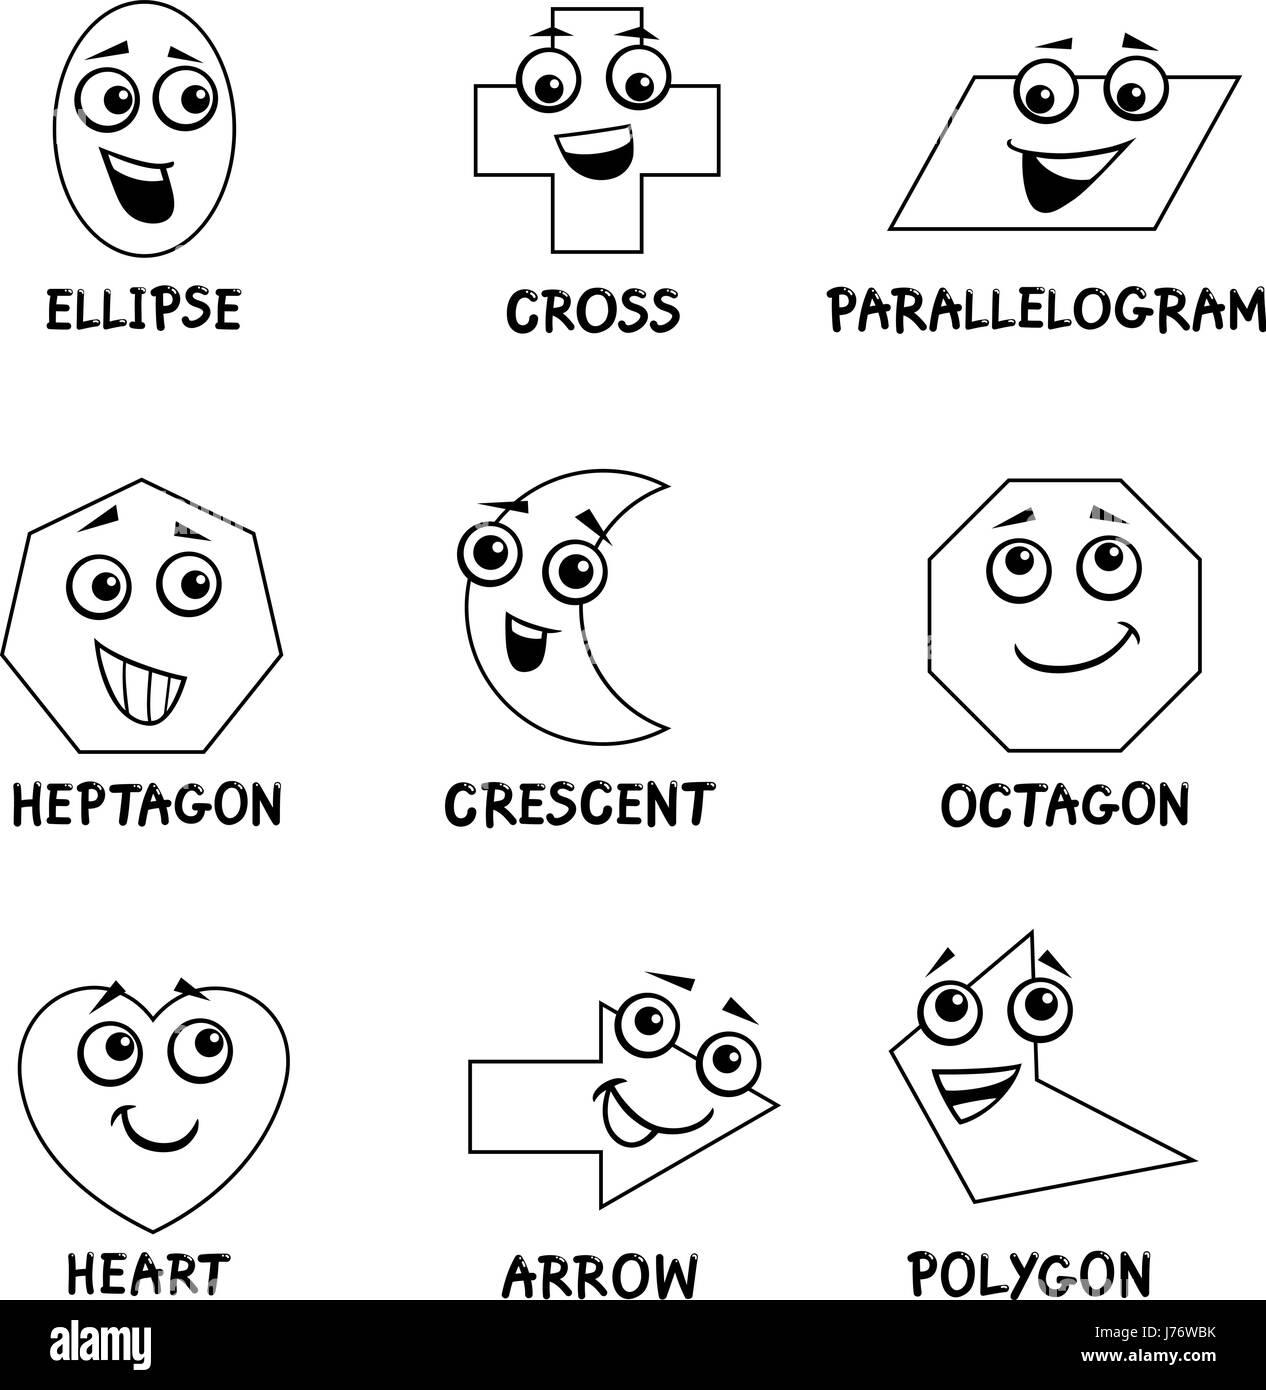 Bianco E Nero Cartoon Illustrazione Delle Forme Geometriche Di Base